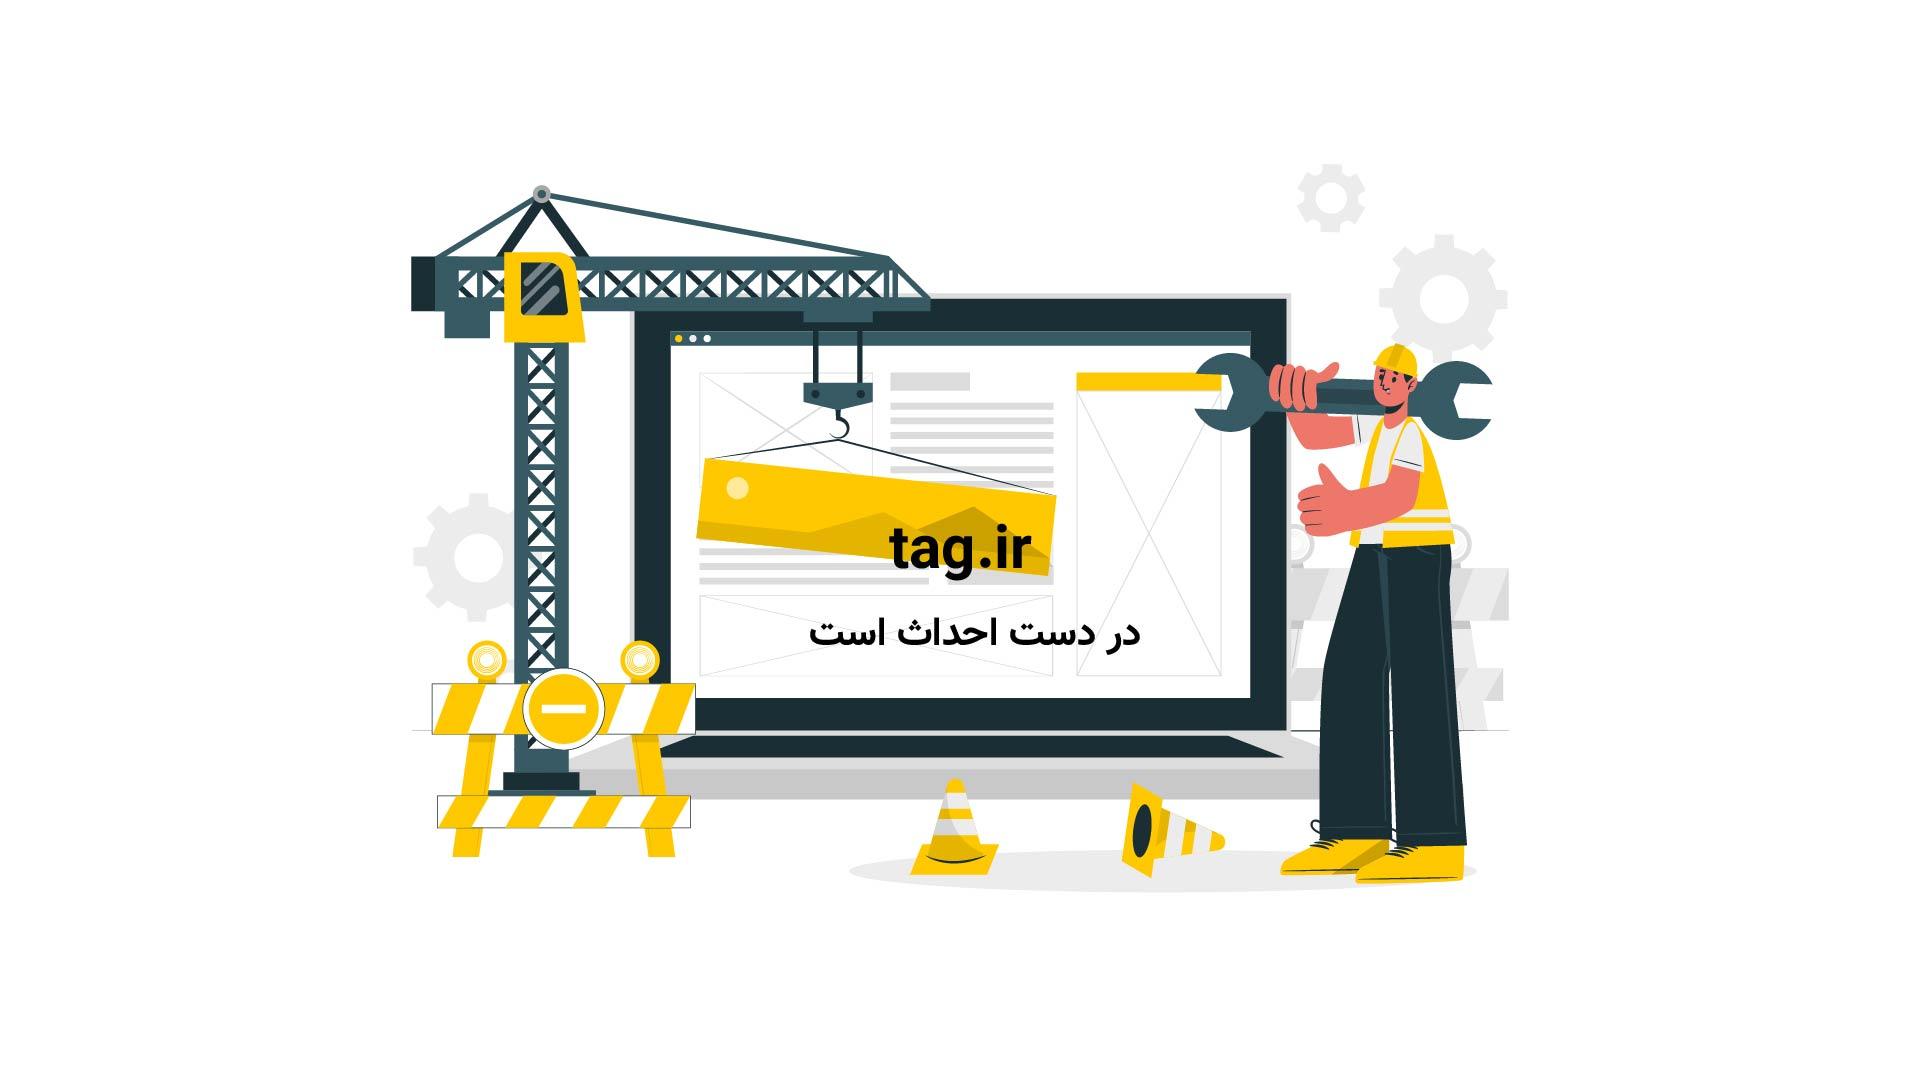 حمله حقرب به لانه مورچه ها | تگ